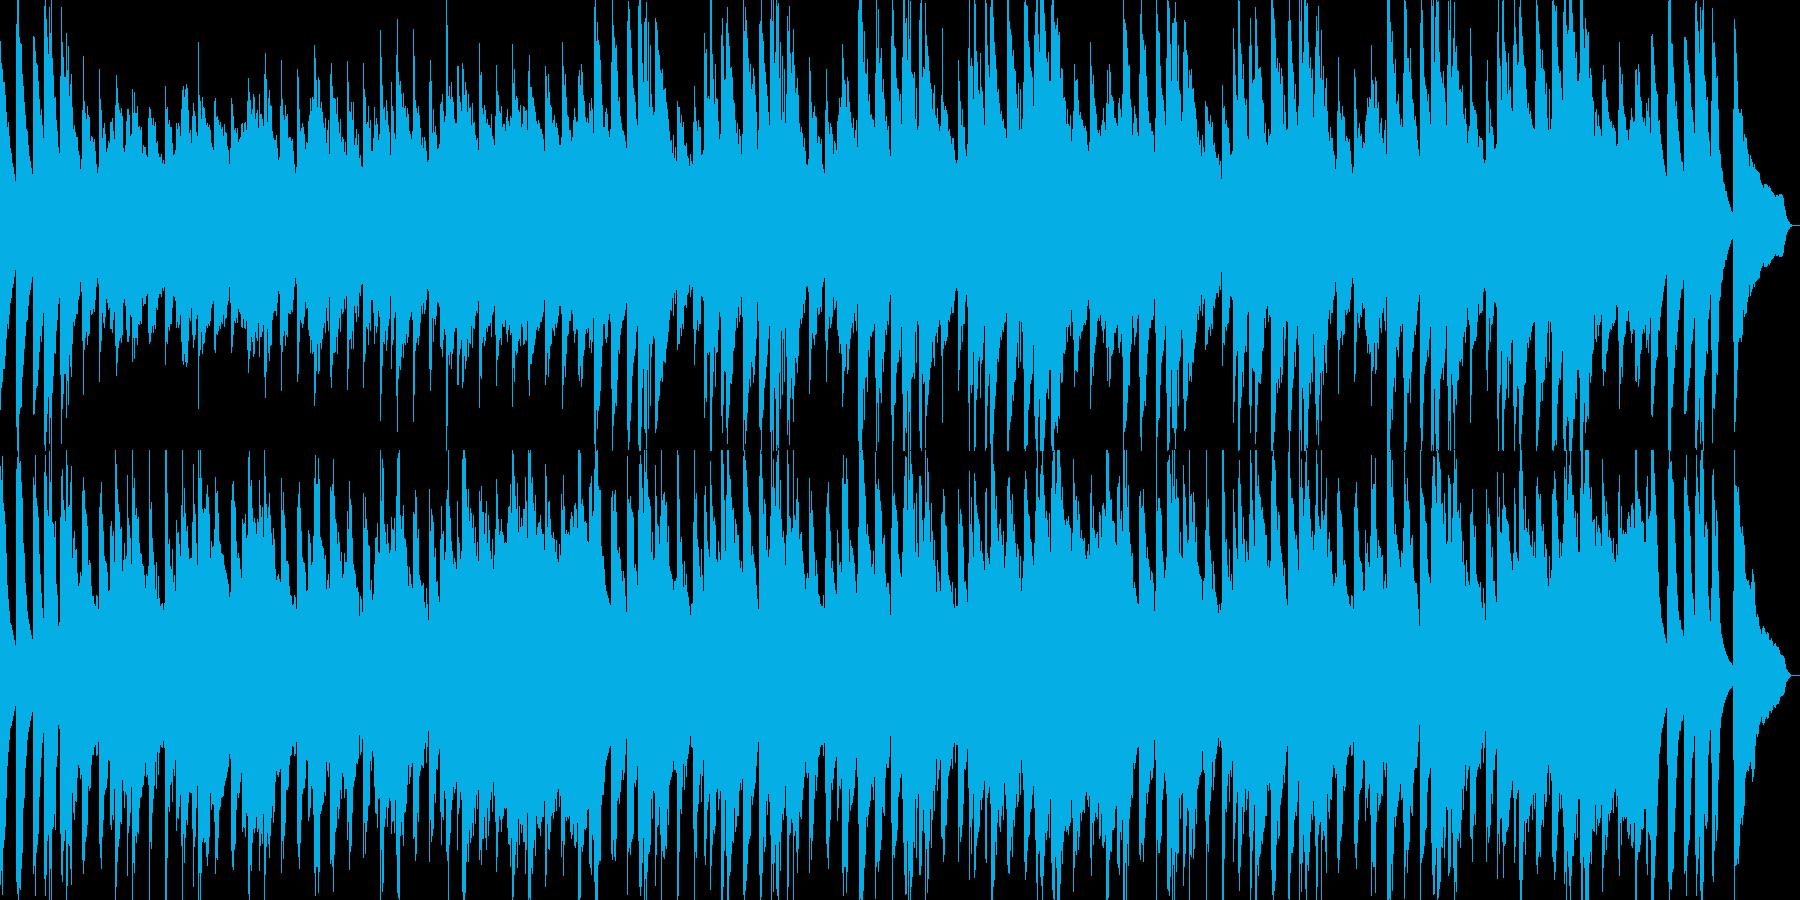 日常系アニメの明るいはじまり風の曲の再生済みの波形